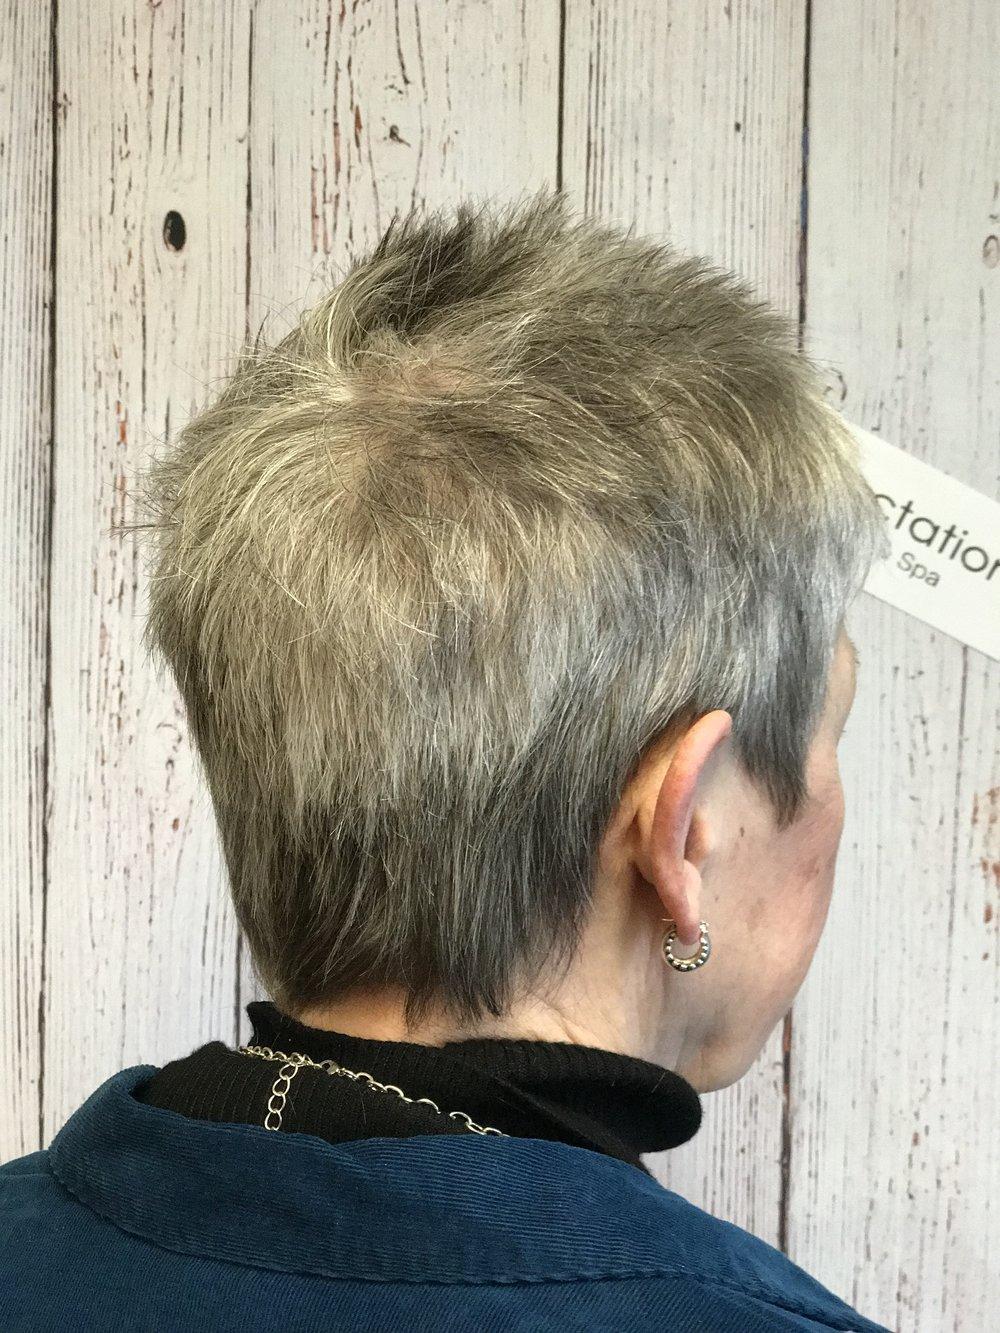 Short Hair Razor Cut Hair by Teri  (6).jpg